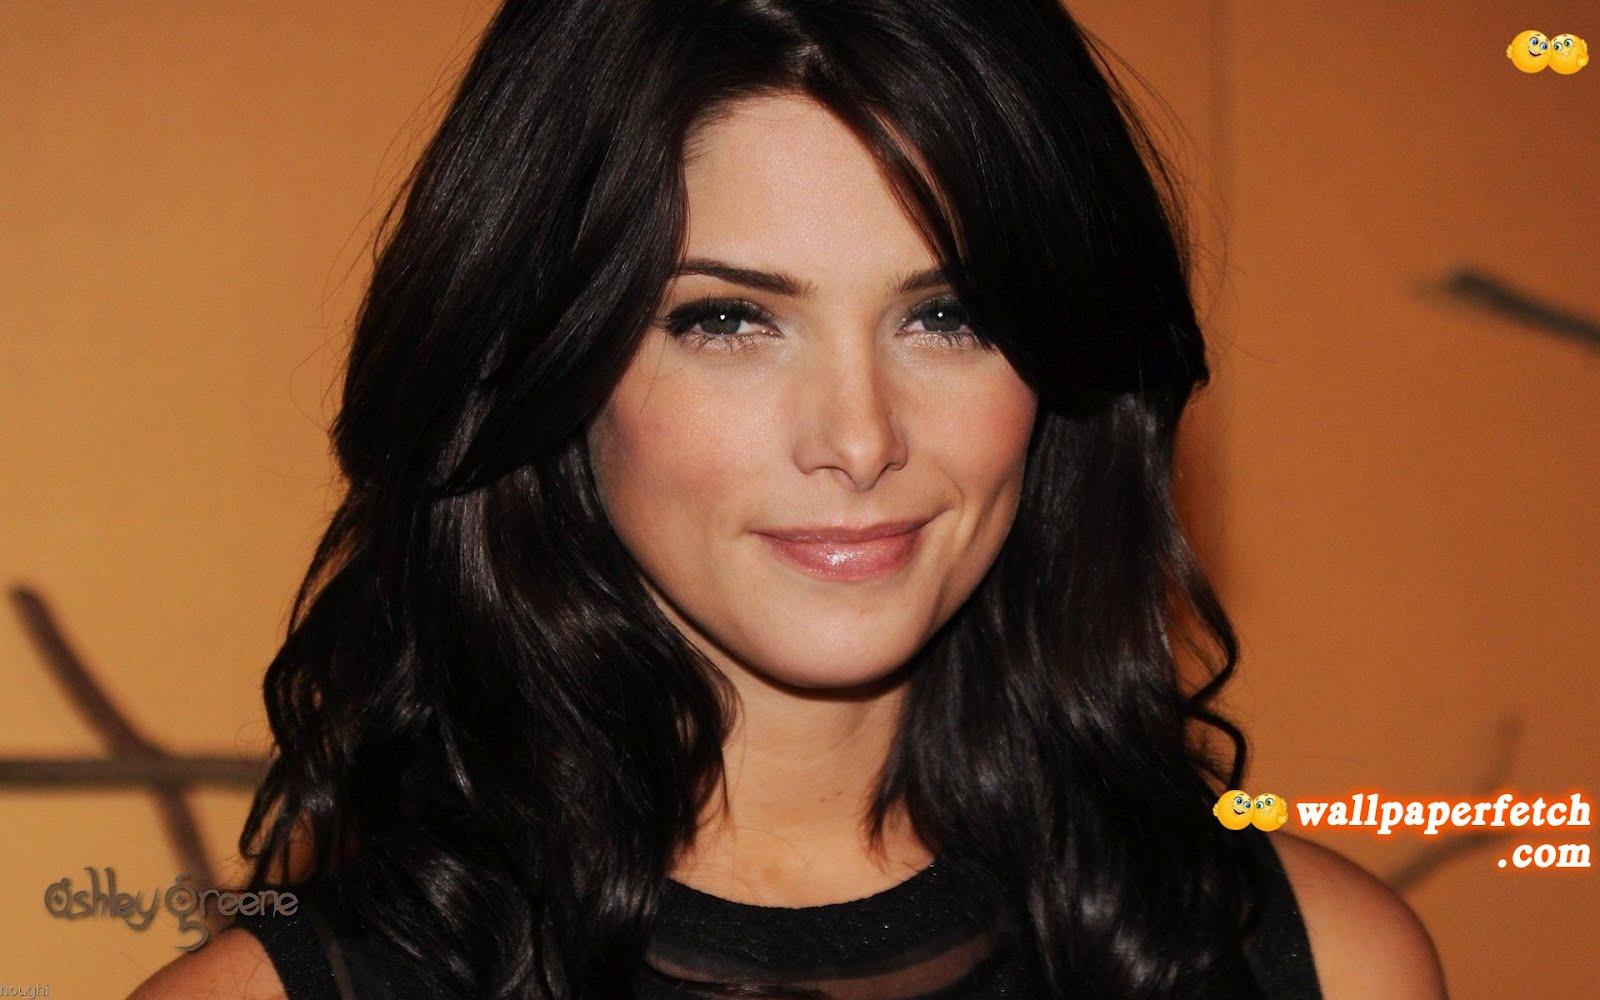 http://3.bp.blogspot.com/-S7B2_OG6tvg/UArWyeB51iI/AAAAAAAAGjk/seAoTwa0grE/s1600/ashley-greene-beautiful-girl_1920x1200_90005.jpg